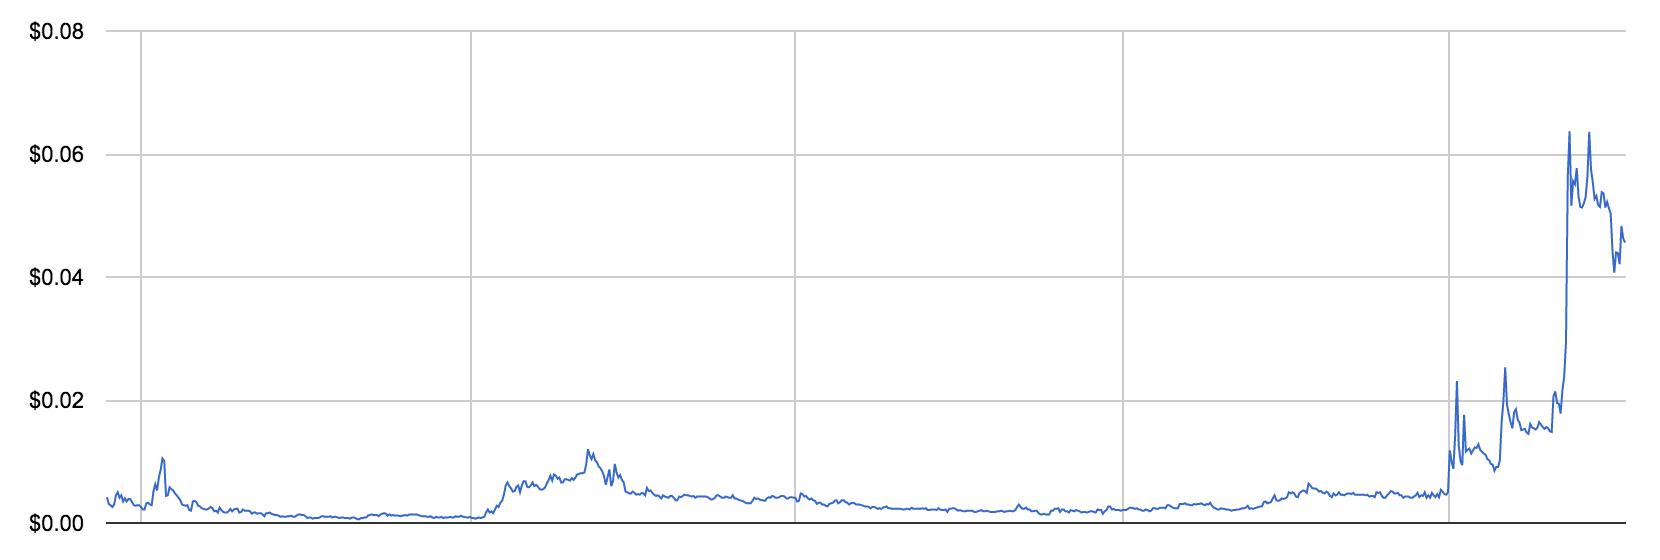 chart-price-nav